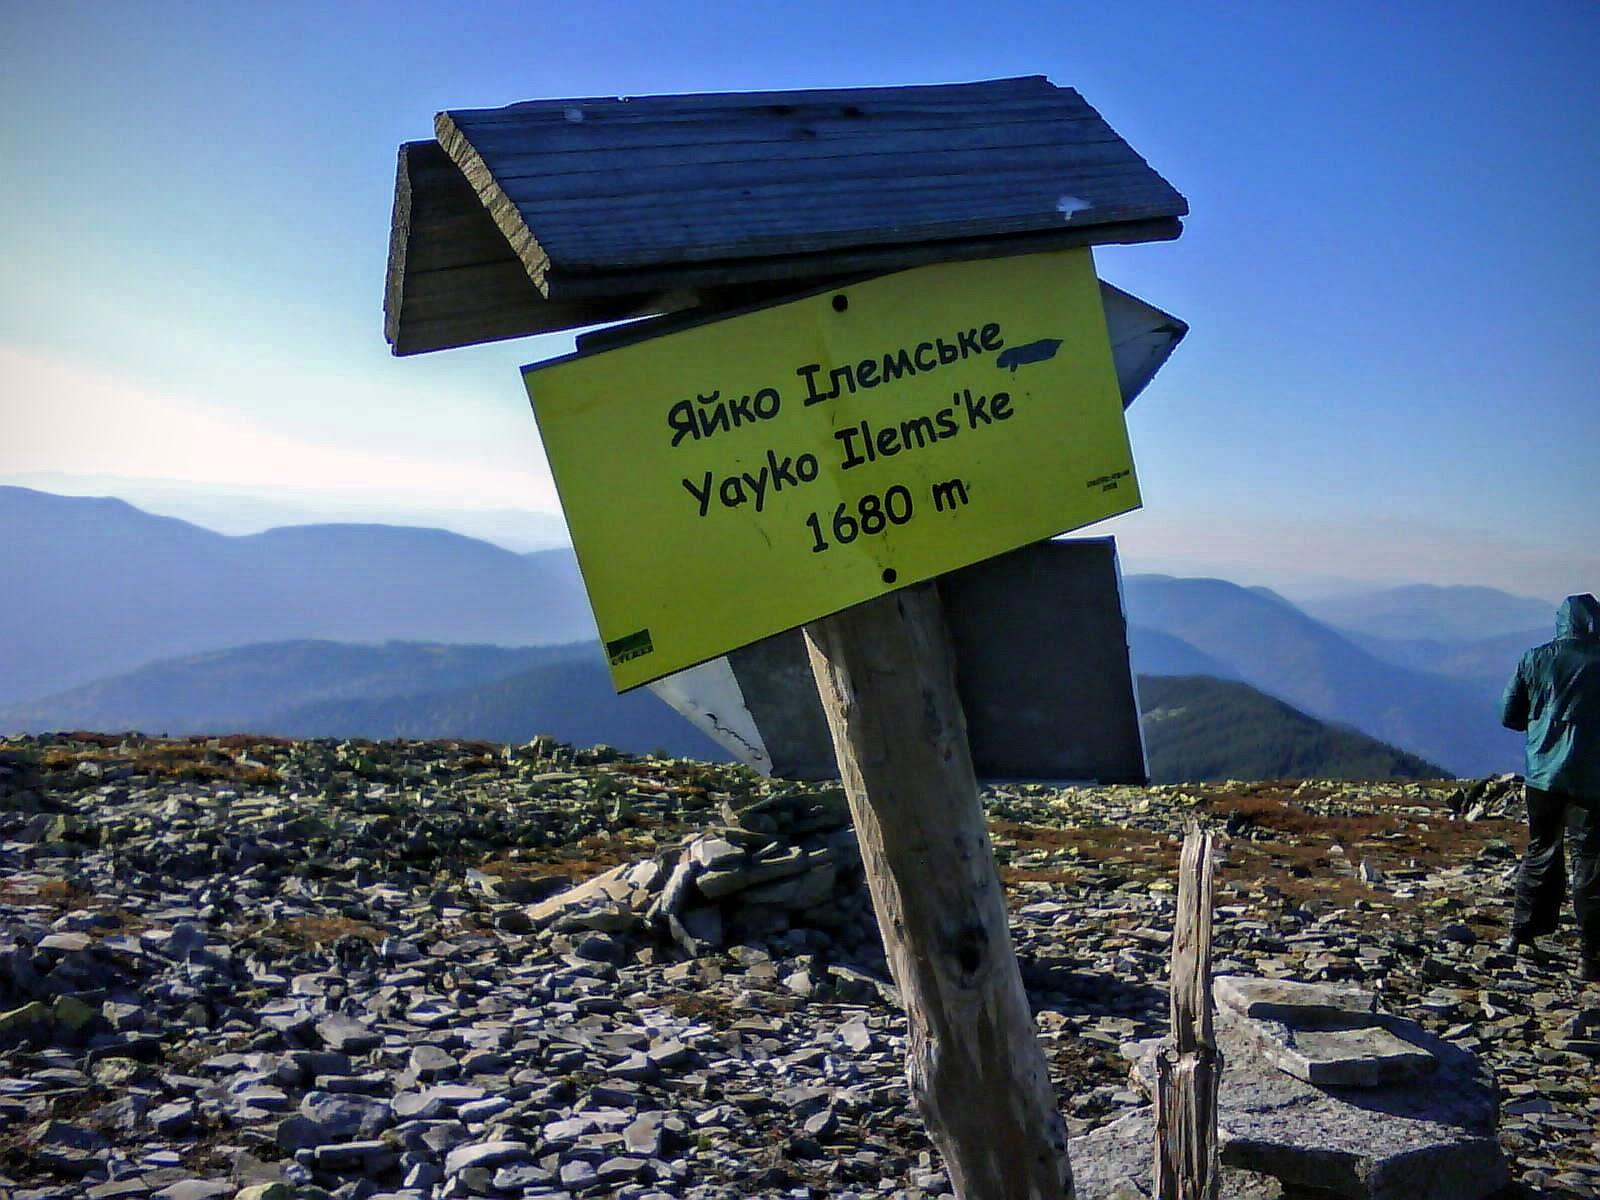 Інформаційна табличка на вершині